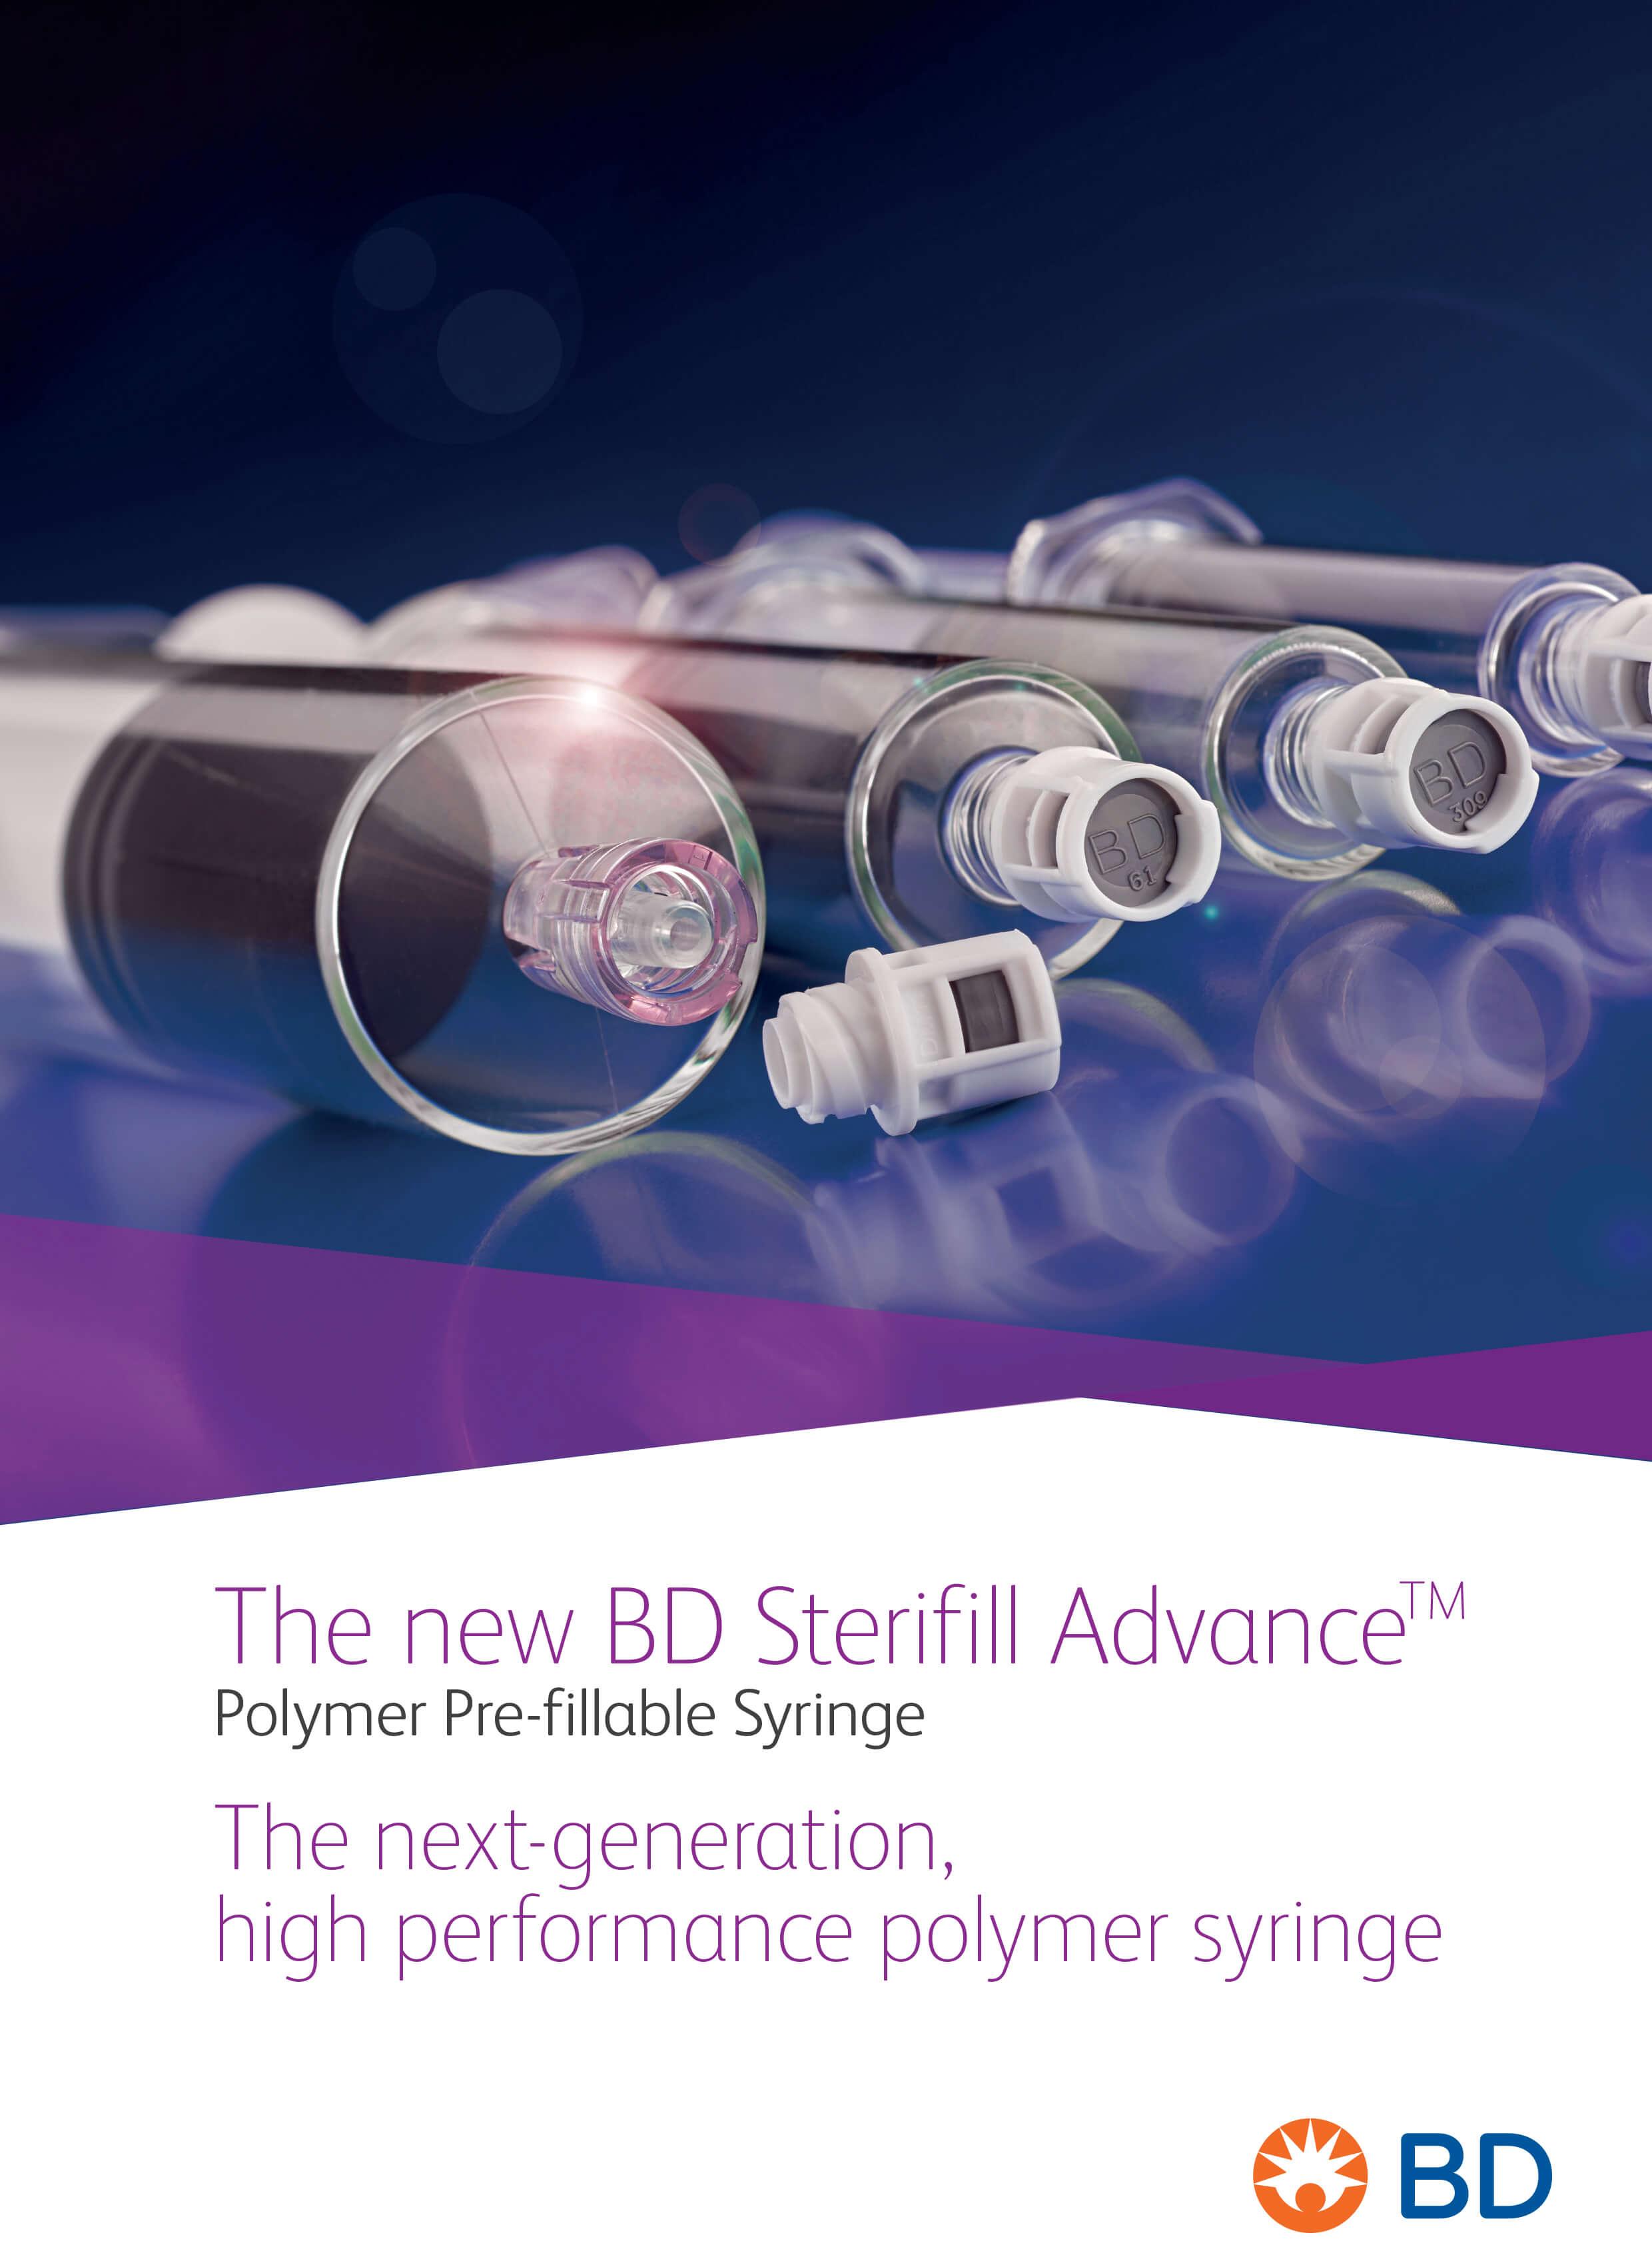 BD STERIFILL - création graphique du lancement de produit par l'Agence MARDI